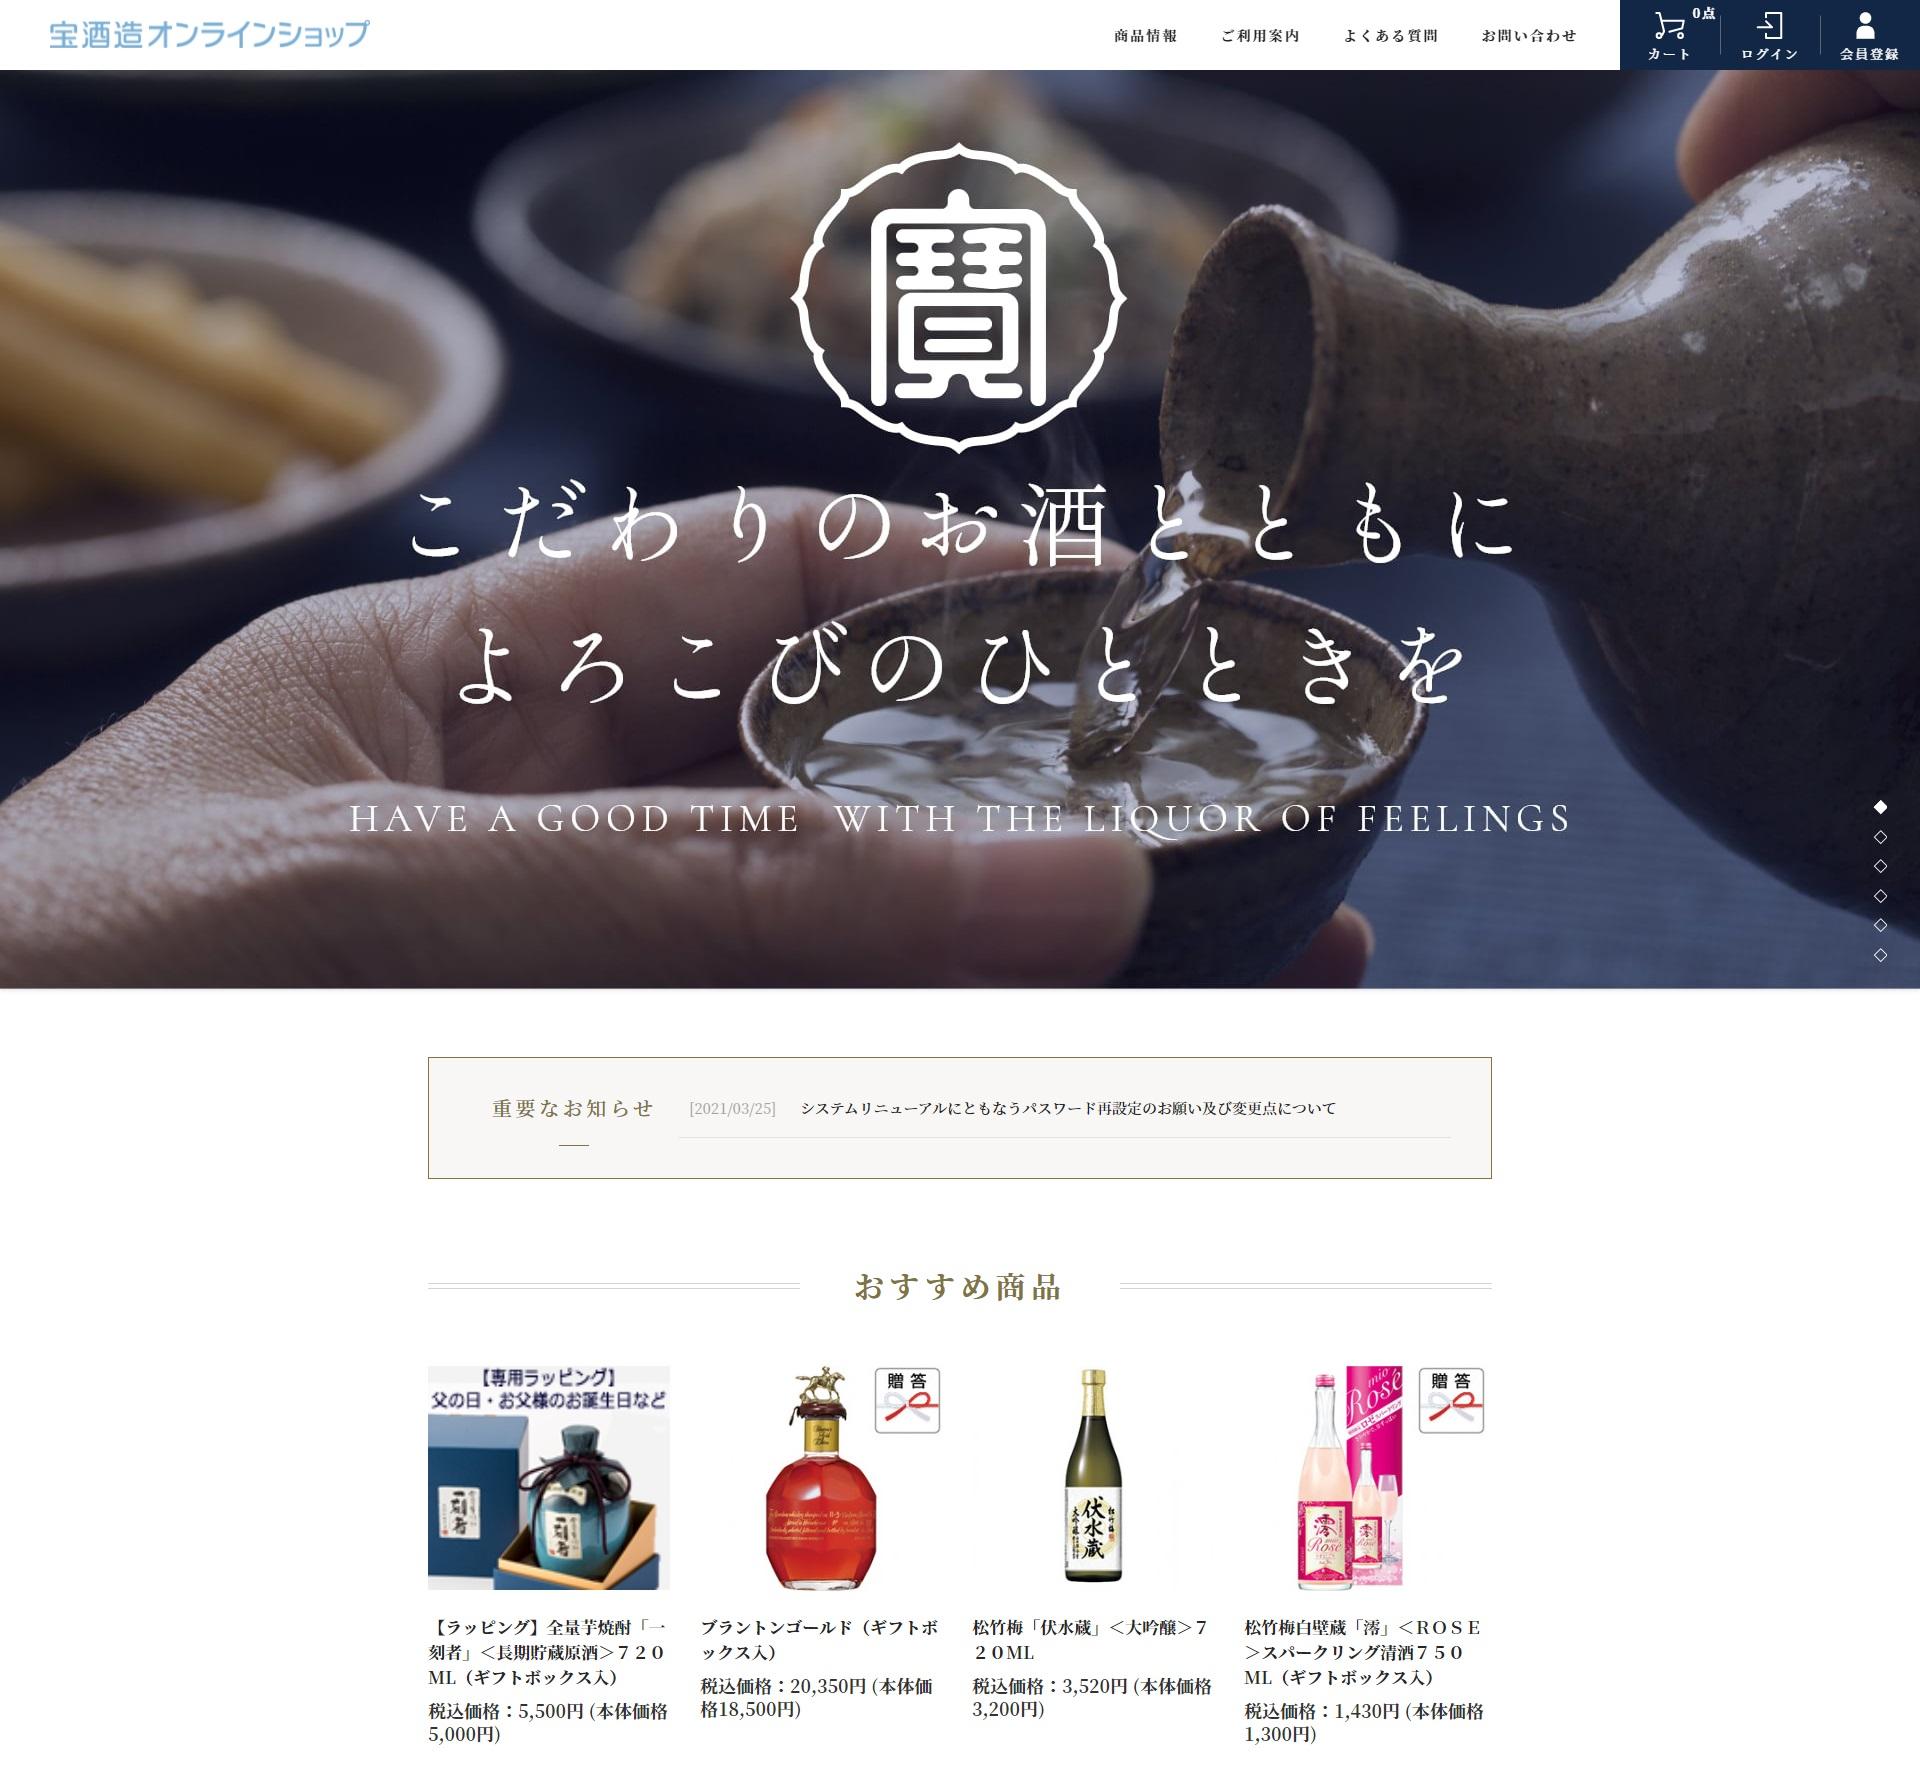 ホームページ制作実績宝酒造株式会社 オンラインショップ